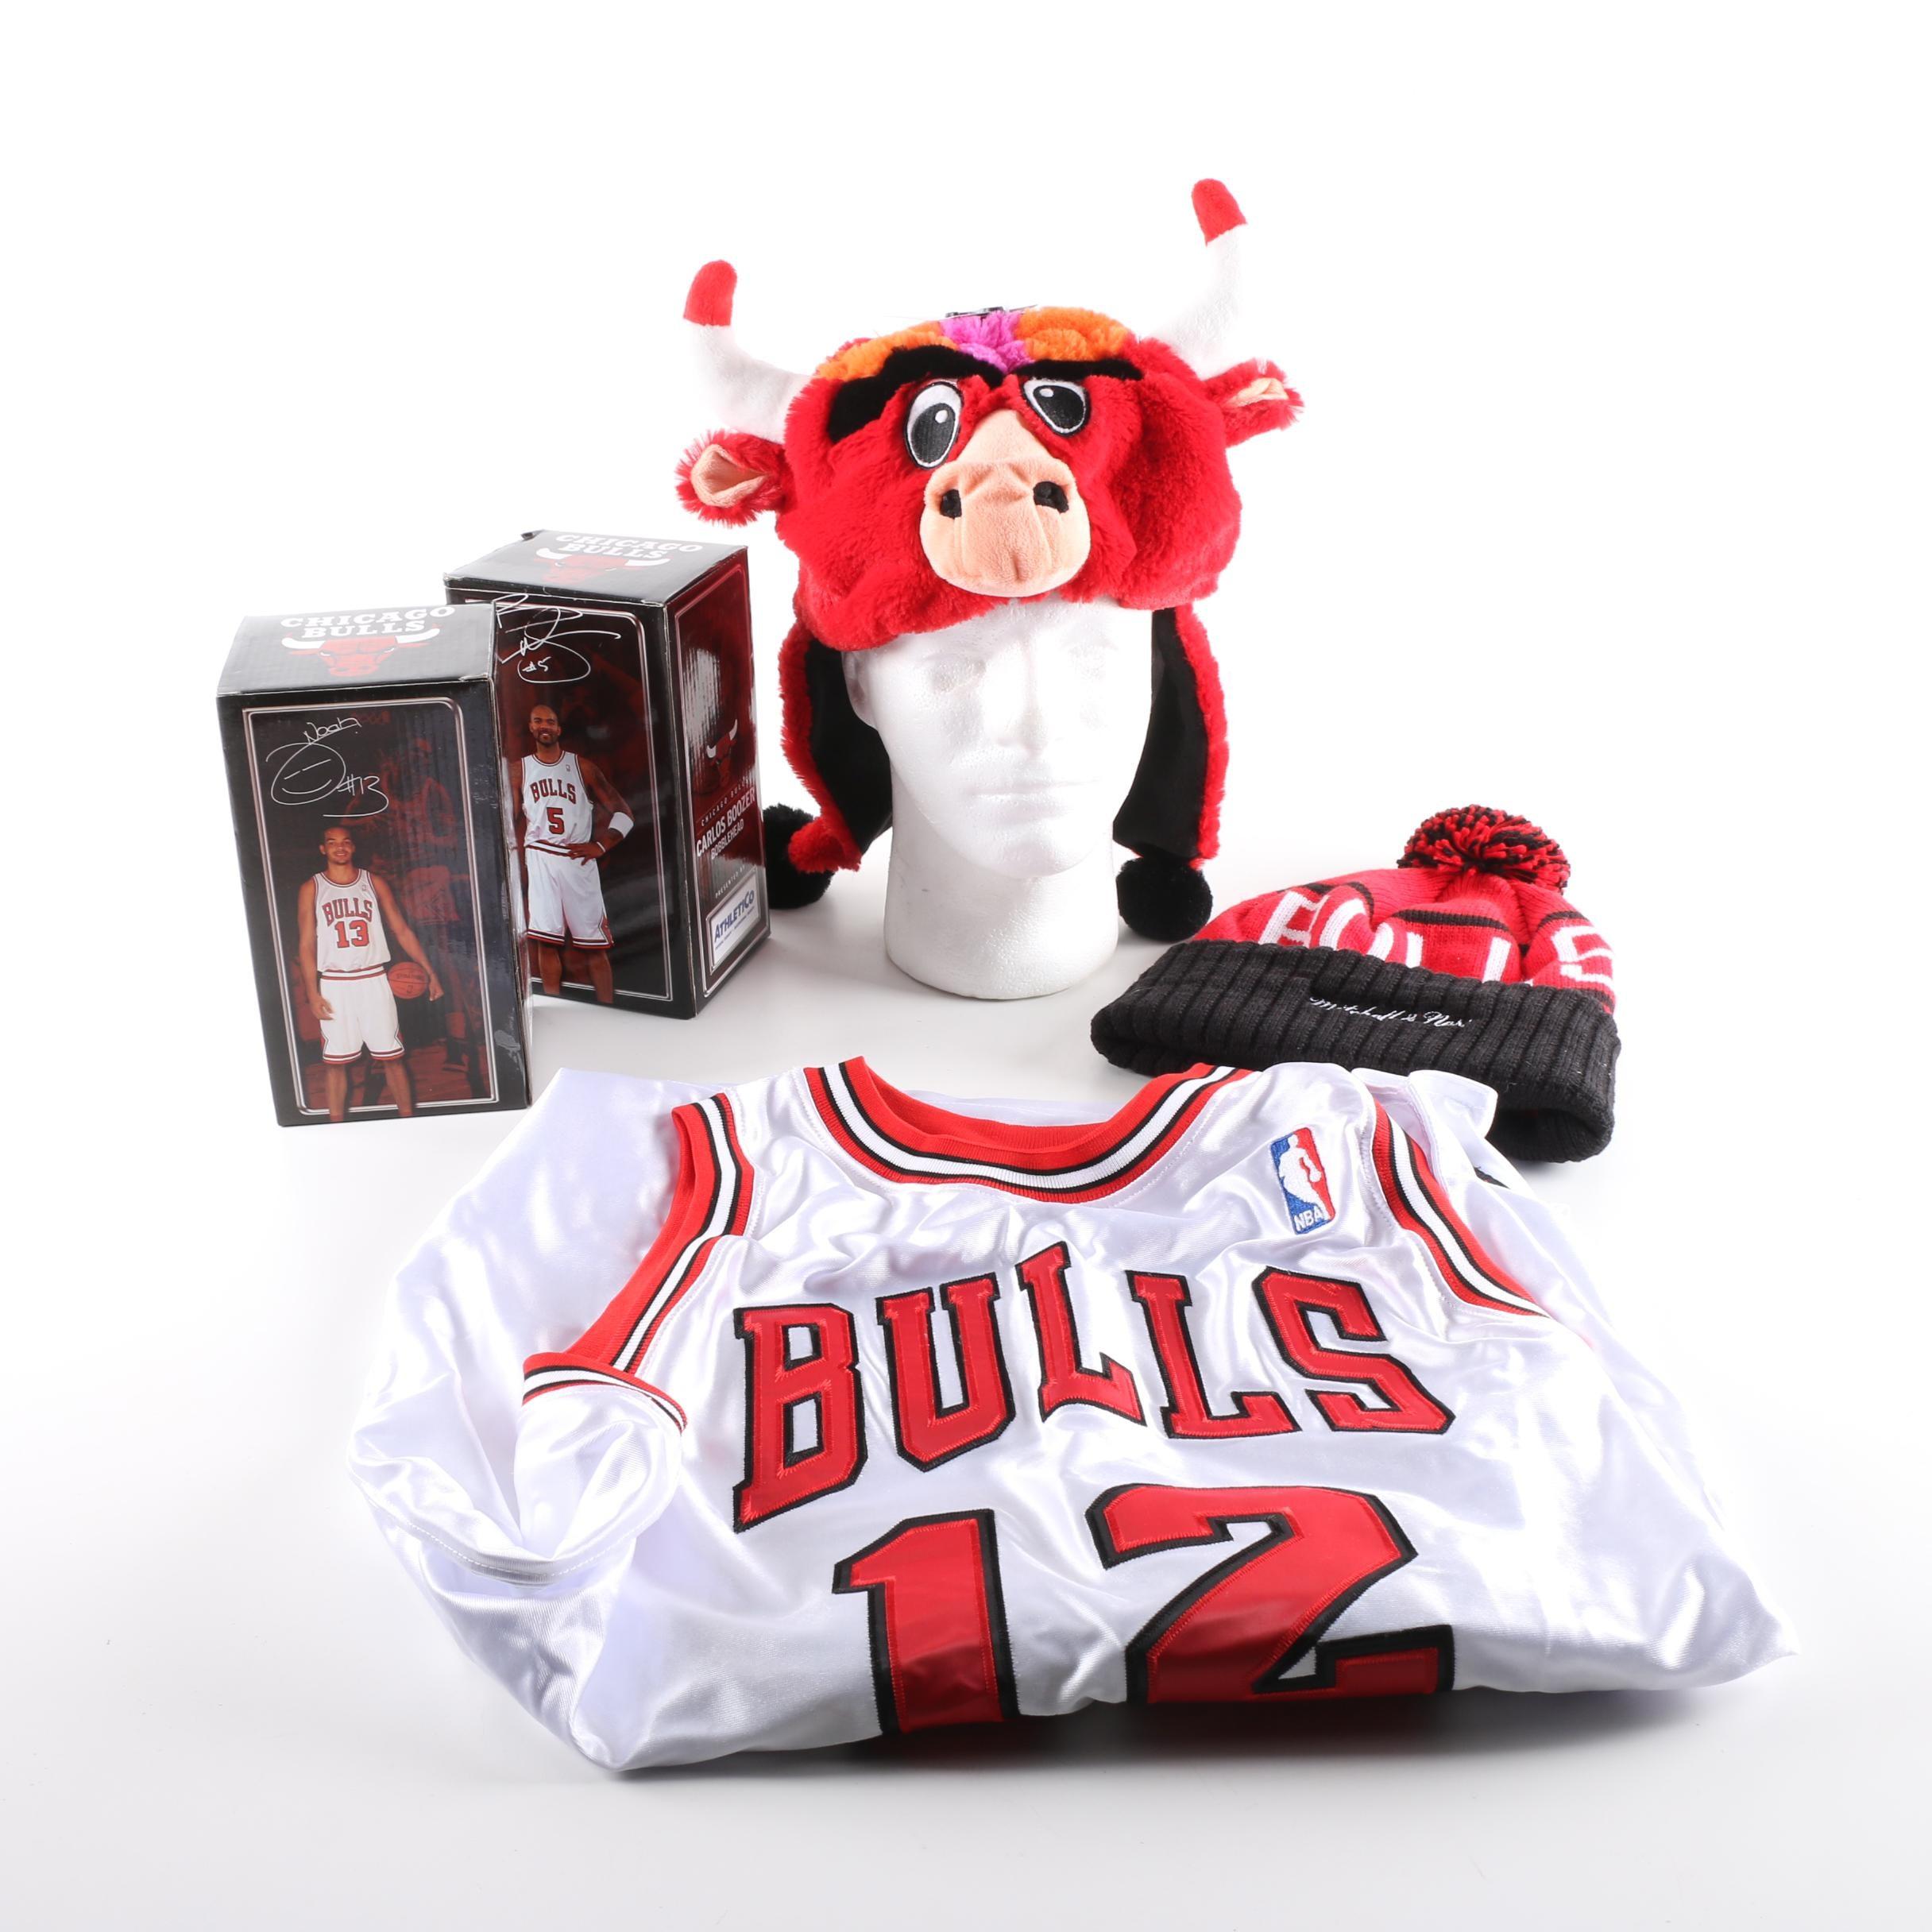 Chicago Bulls Memorabilia